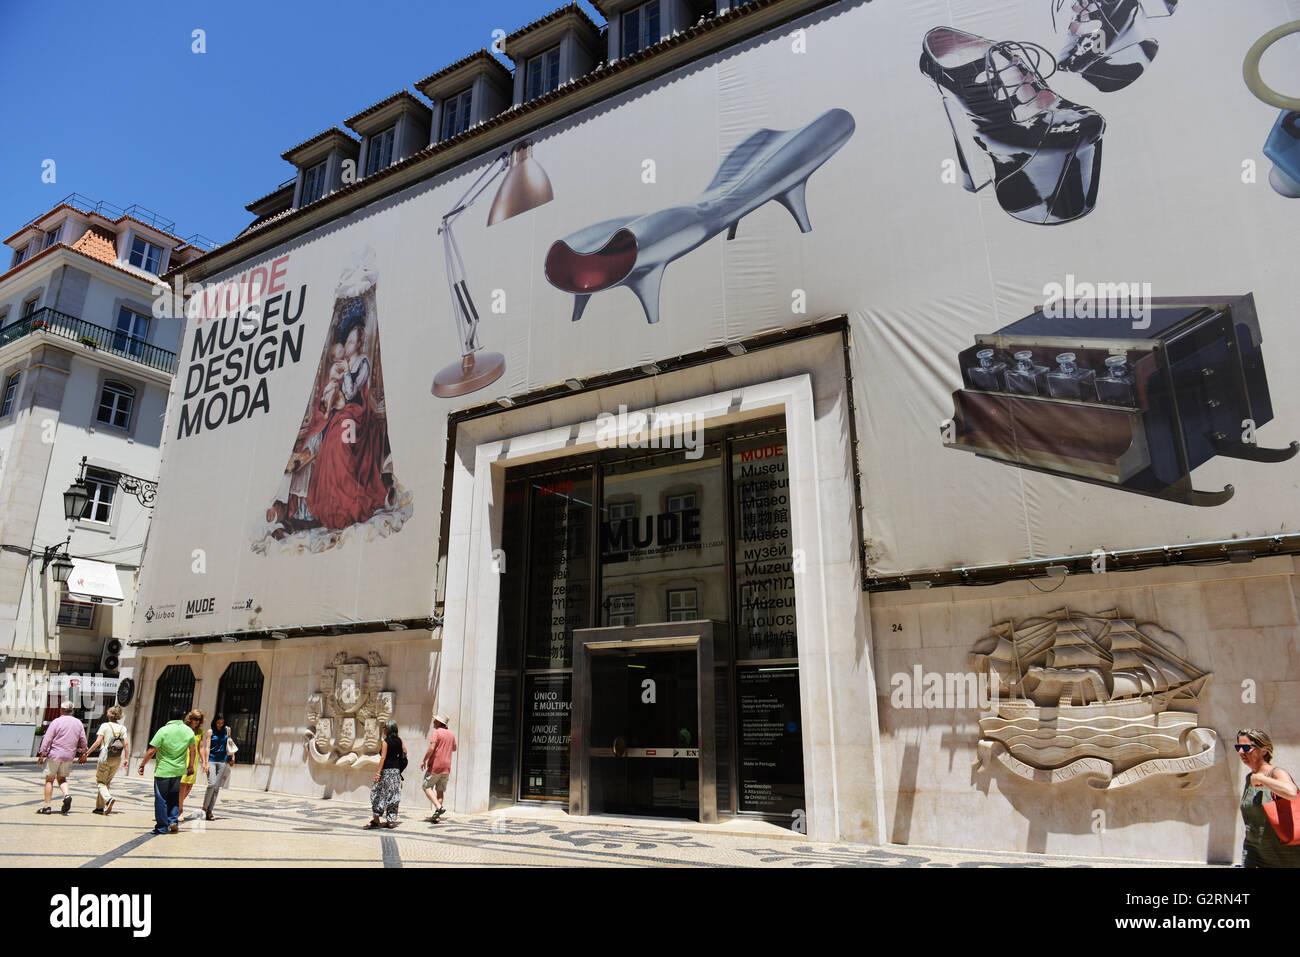 Mude- Museo del design moda su Rua Augusta nella parte vecchia della città di Lisbona. Immagini Stock